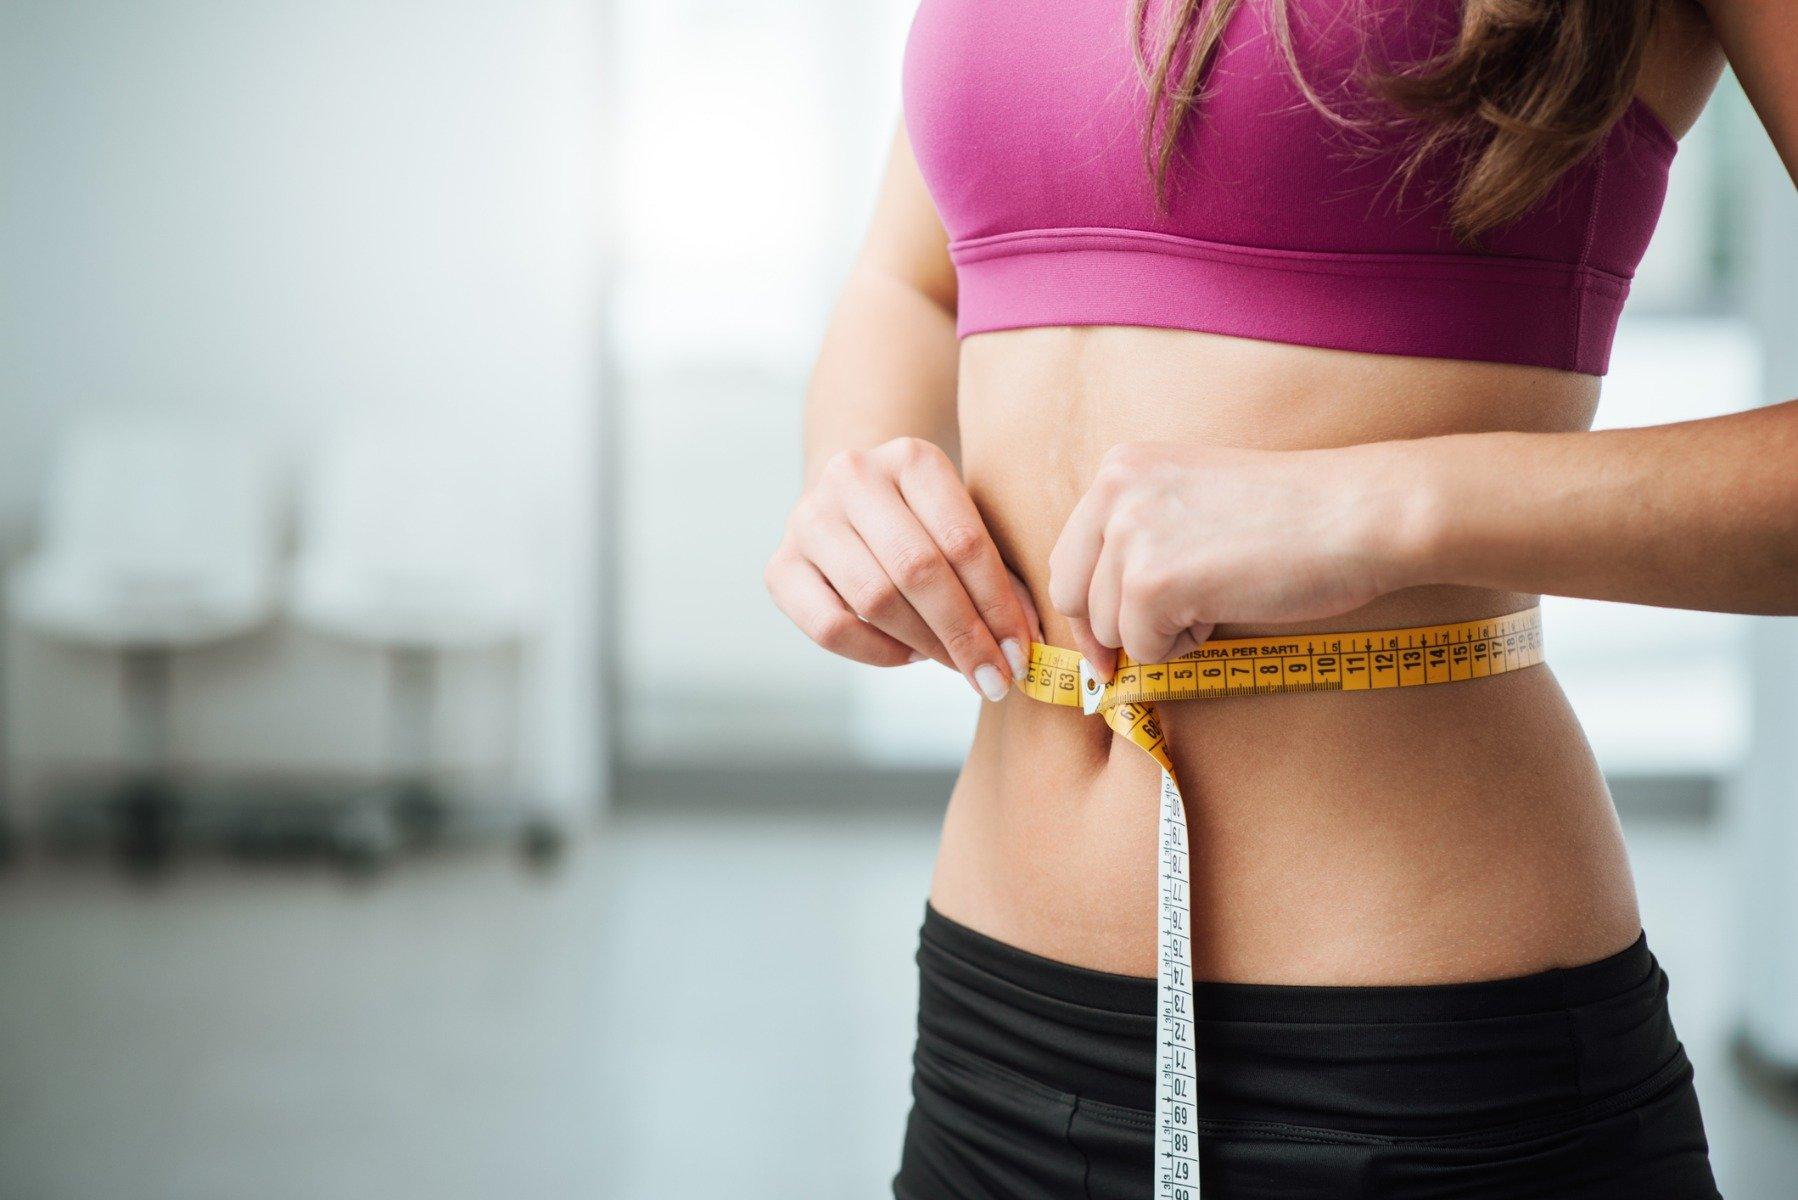 fogyás bőrmegereszkedés nélkül fogyókúrás étrend 1 hétre